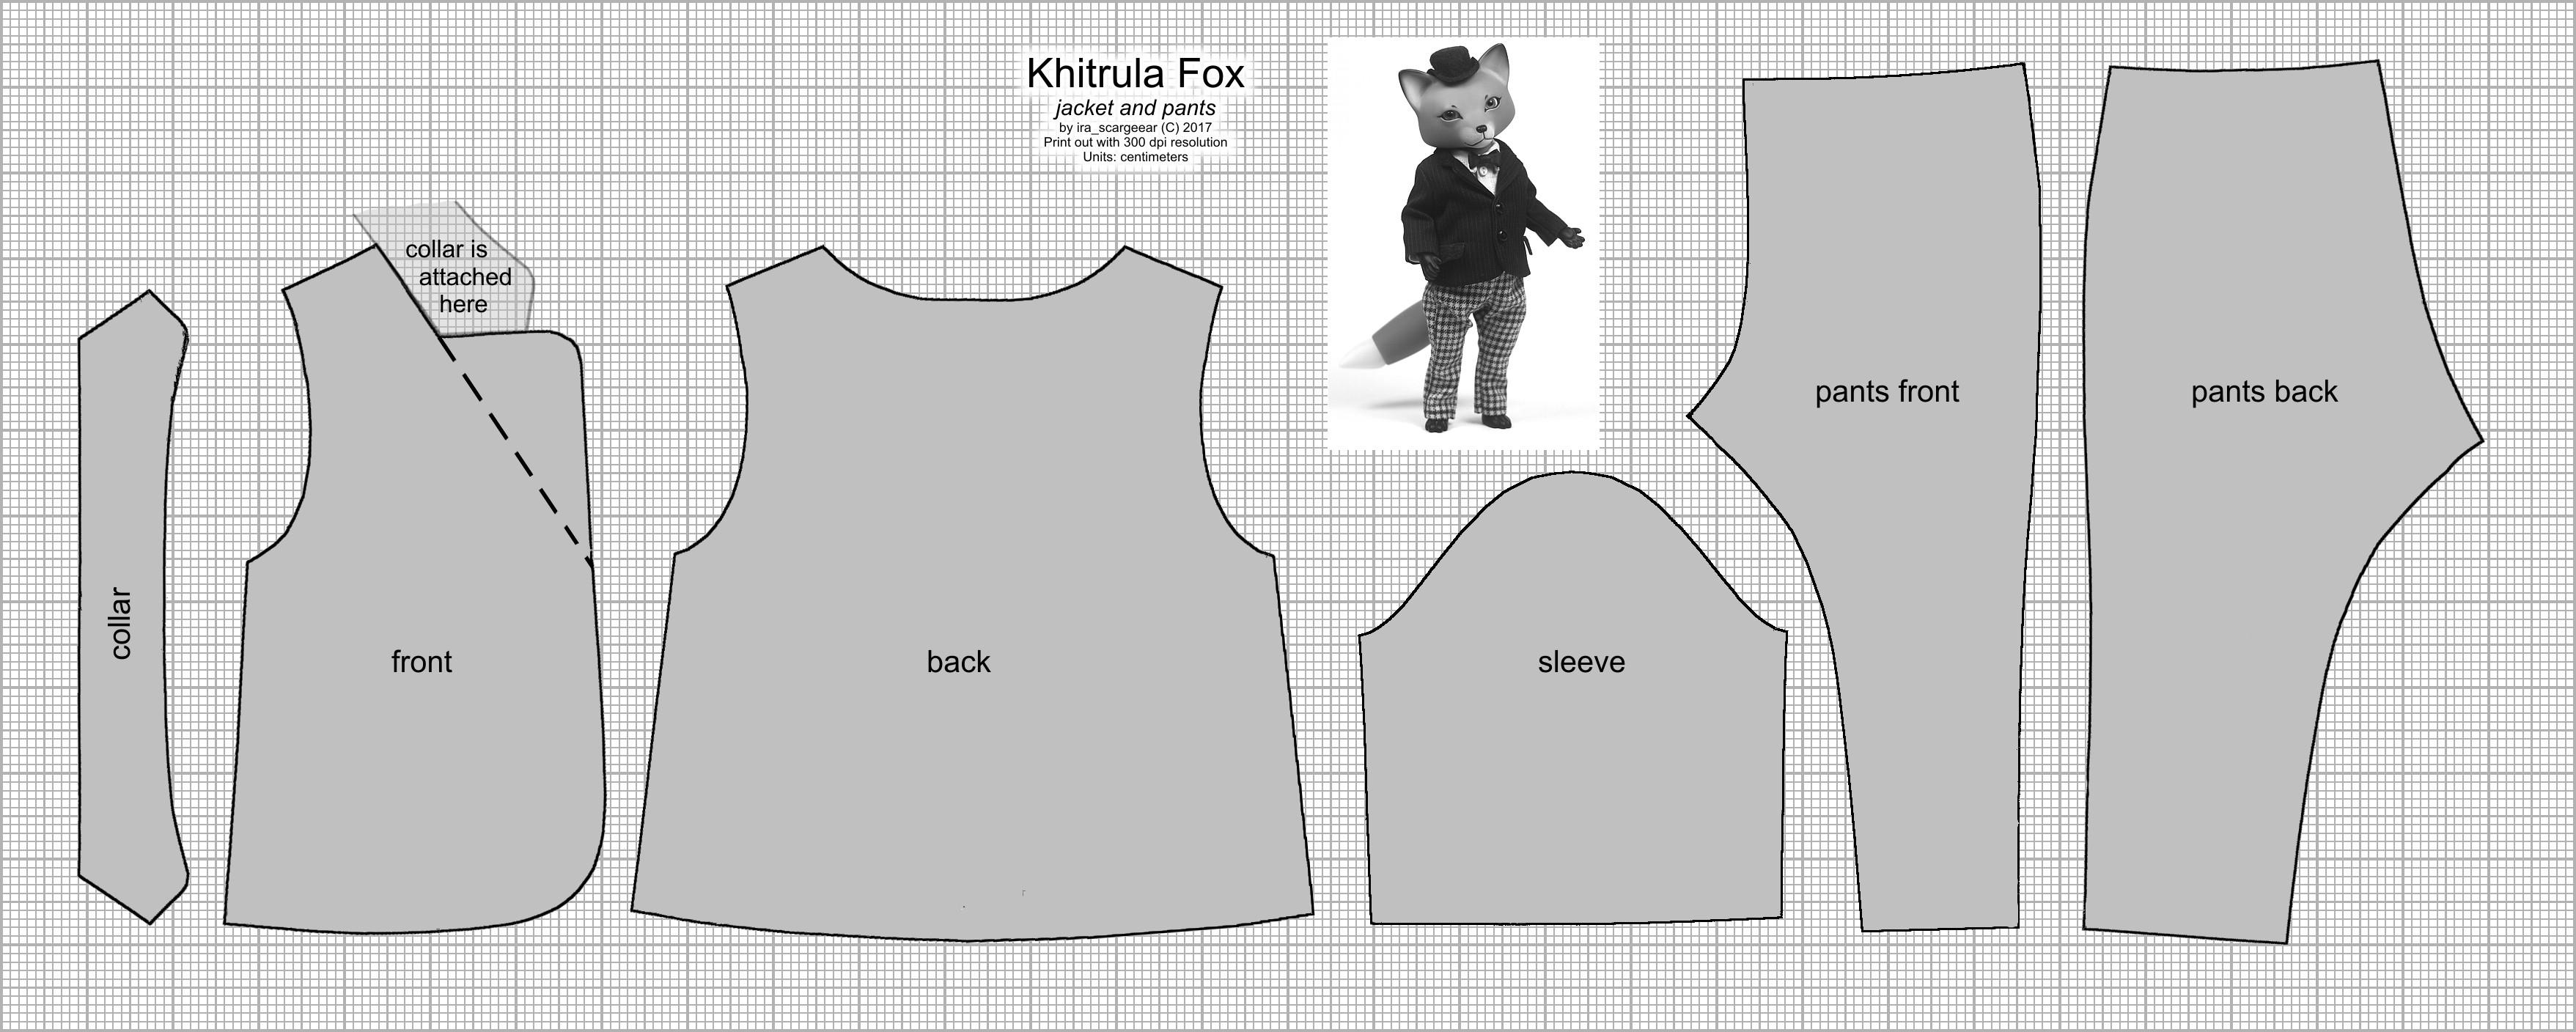 Khitrula Fox Jacket and Pants Pattern